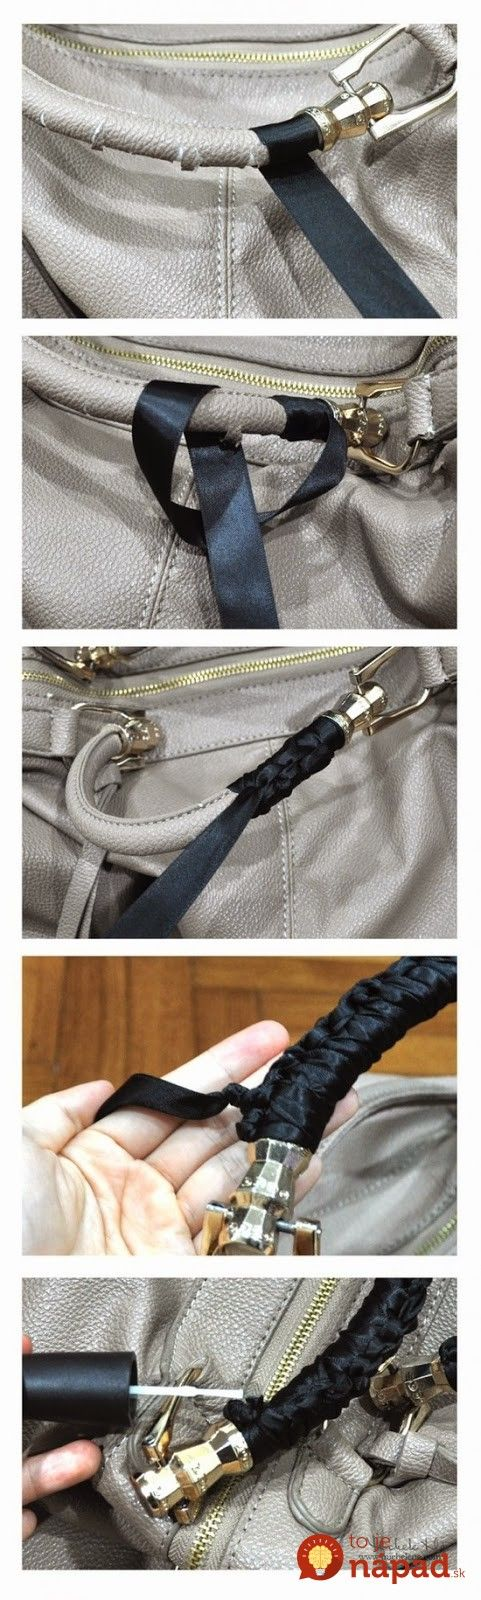 Ak máte aj vy tento problém s rúčkou alebo remienkom – je popraskané, ošúchané a hoci kabelka inak vyzerá stále dobre, vďaka tejto časti sa ju už hanbíte nosiť do sveta